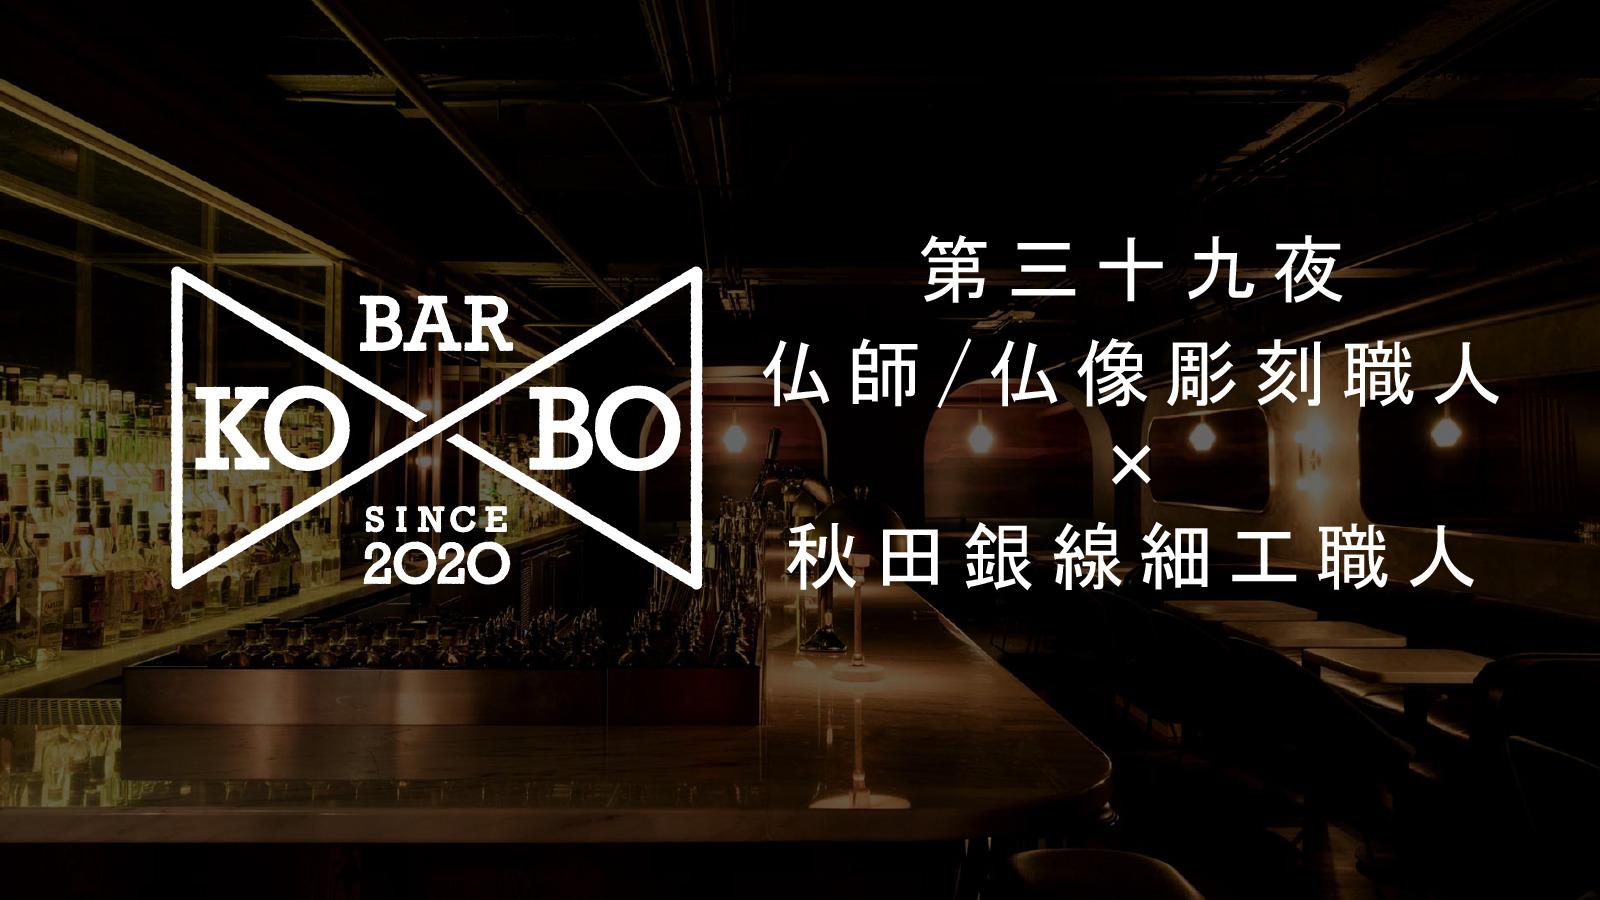 【Bar KO-BO 第三十九夜】仏師/仏像彫刻職人×秋田銀線細工職人